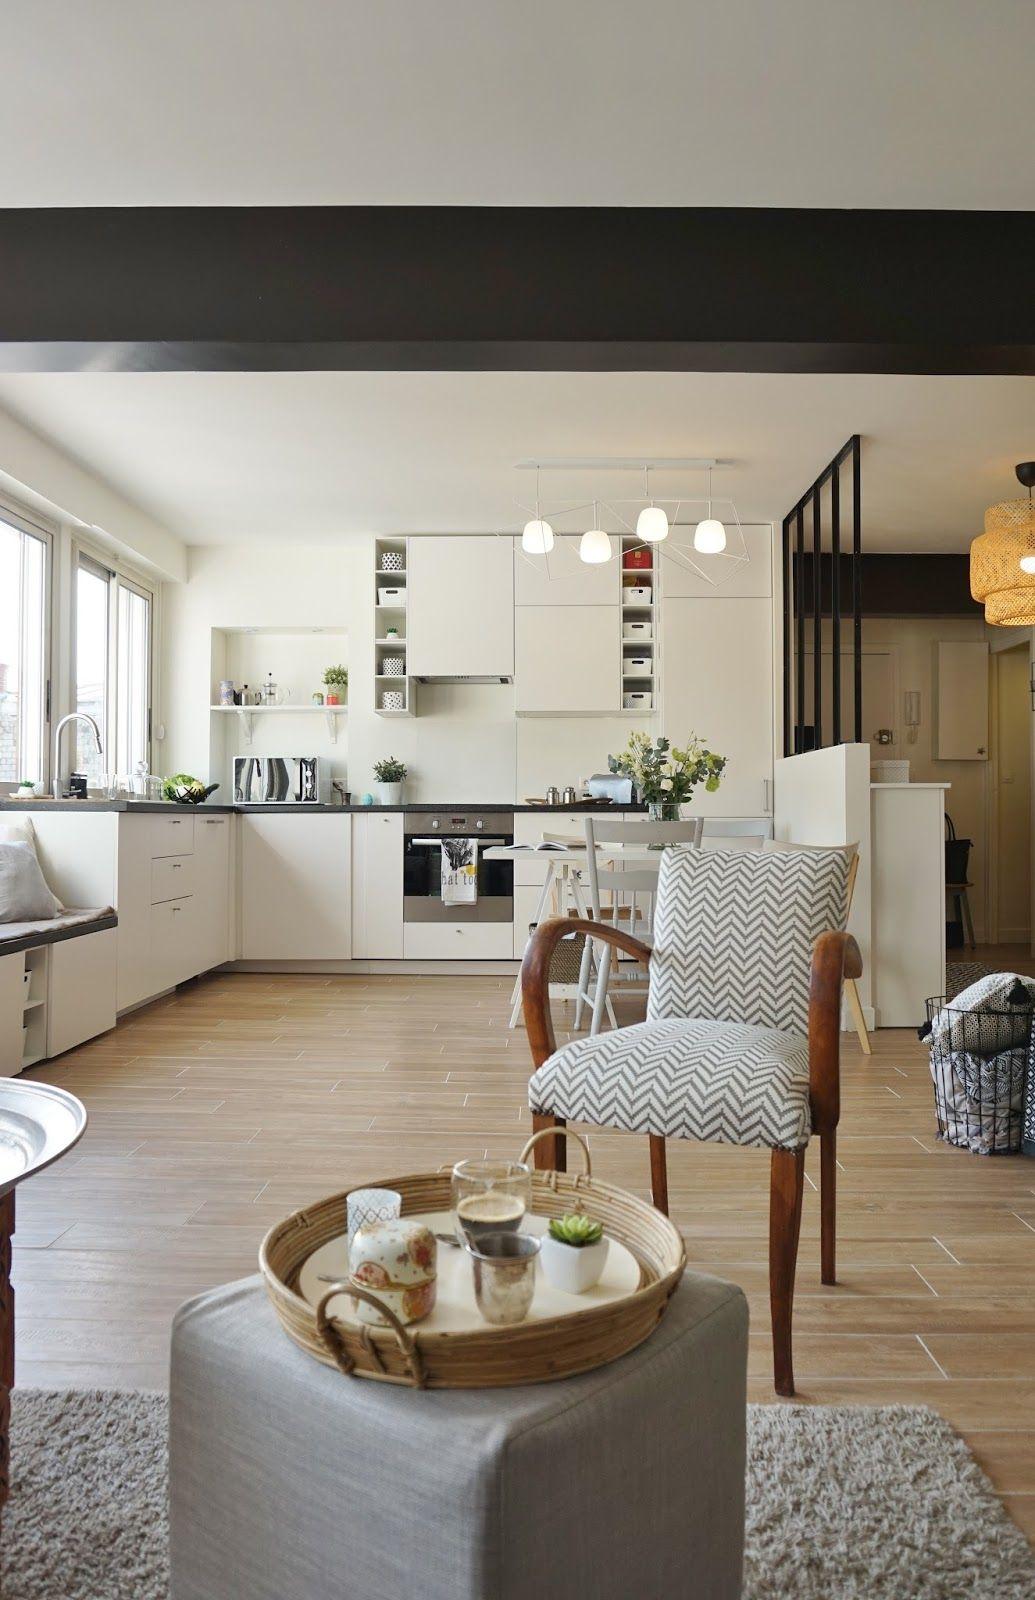 salon chic chaleureux gris motif lumineux assise cuisine ouverte blanc verriere parquet g jpg. Black Bedroom Furniture Sets. Home Design Ideas